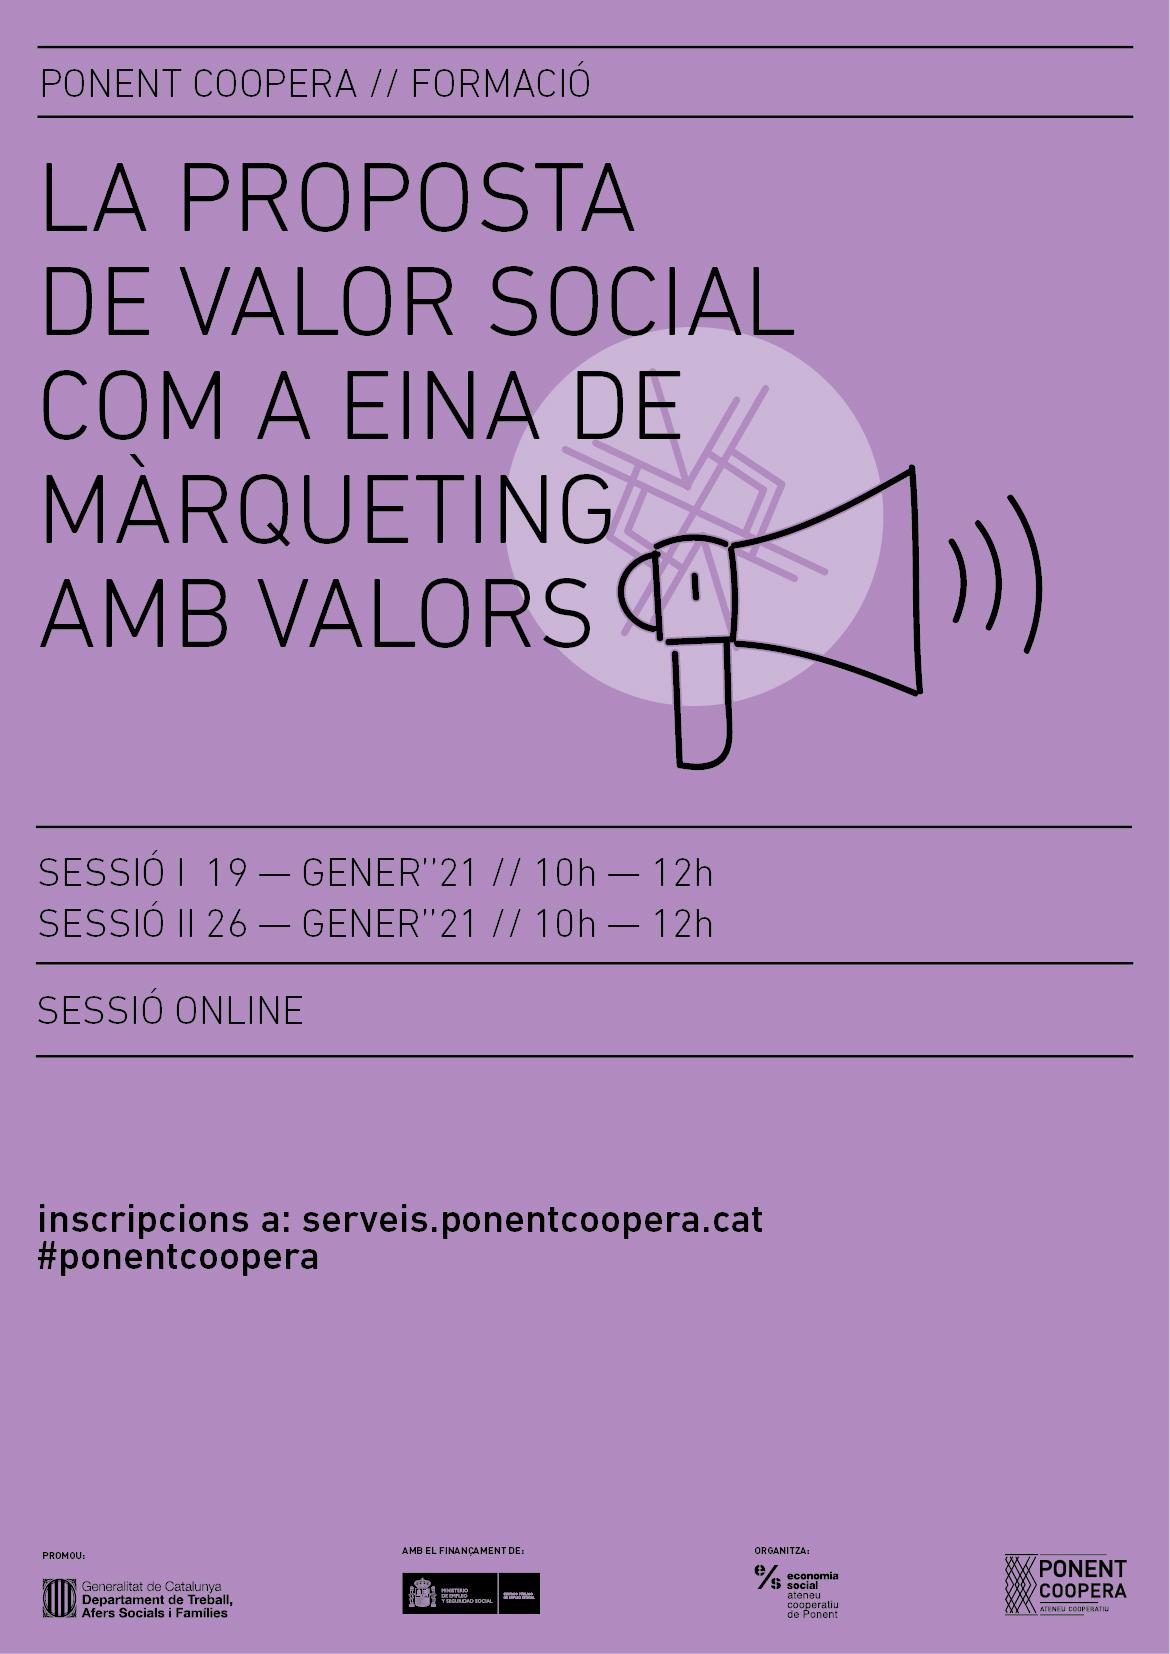 La Proposta de Valor Social com a eina de màrqueting amb valors. Sessió II